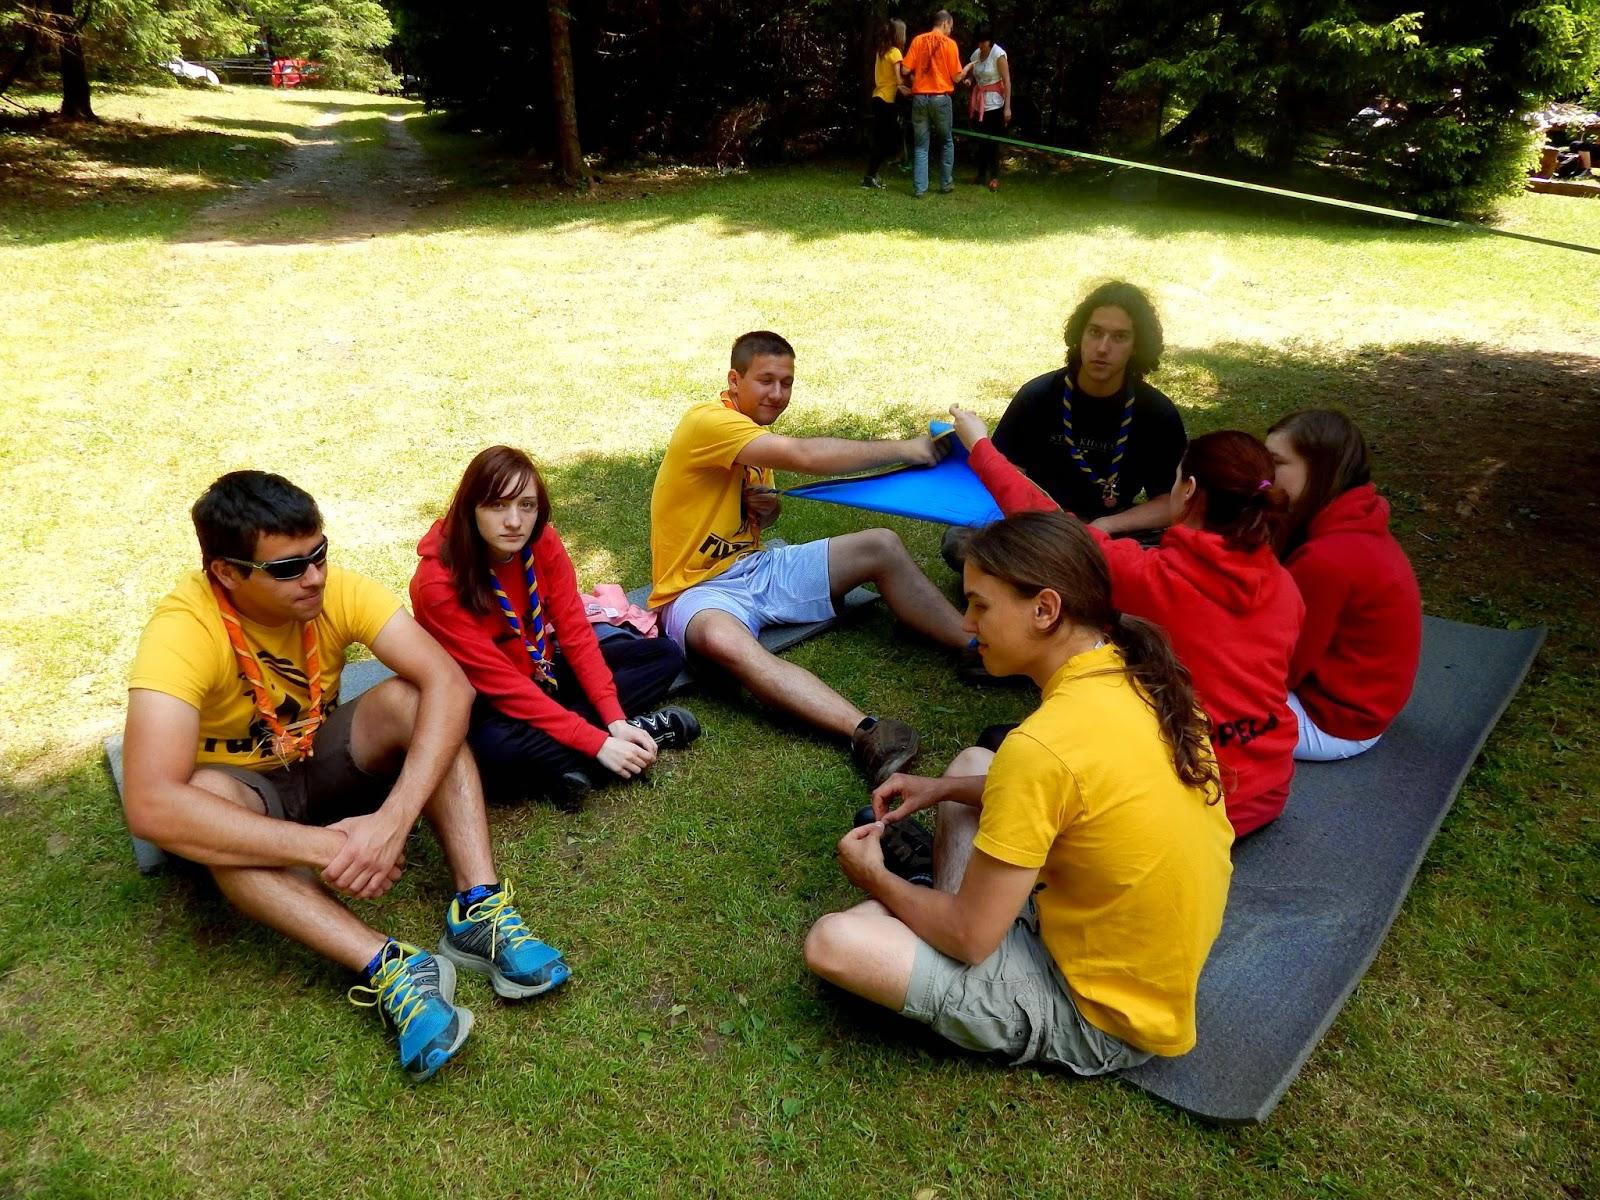 Piknik s starši 2014, 22.6.2014 Črni dol - DSCN1984.JPG